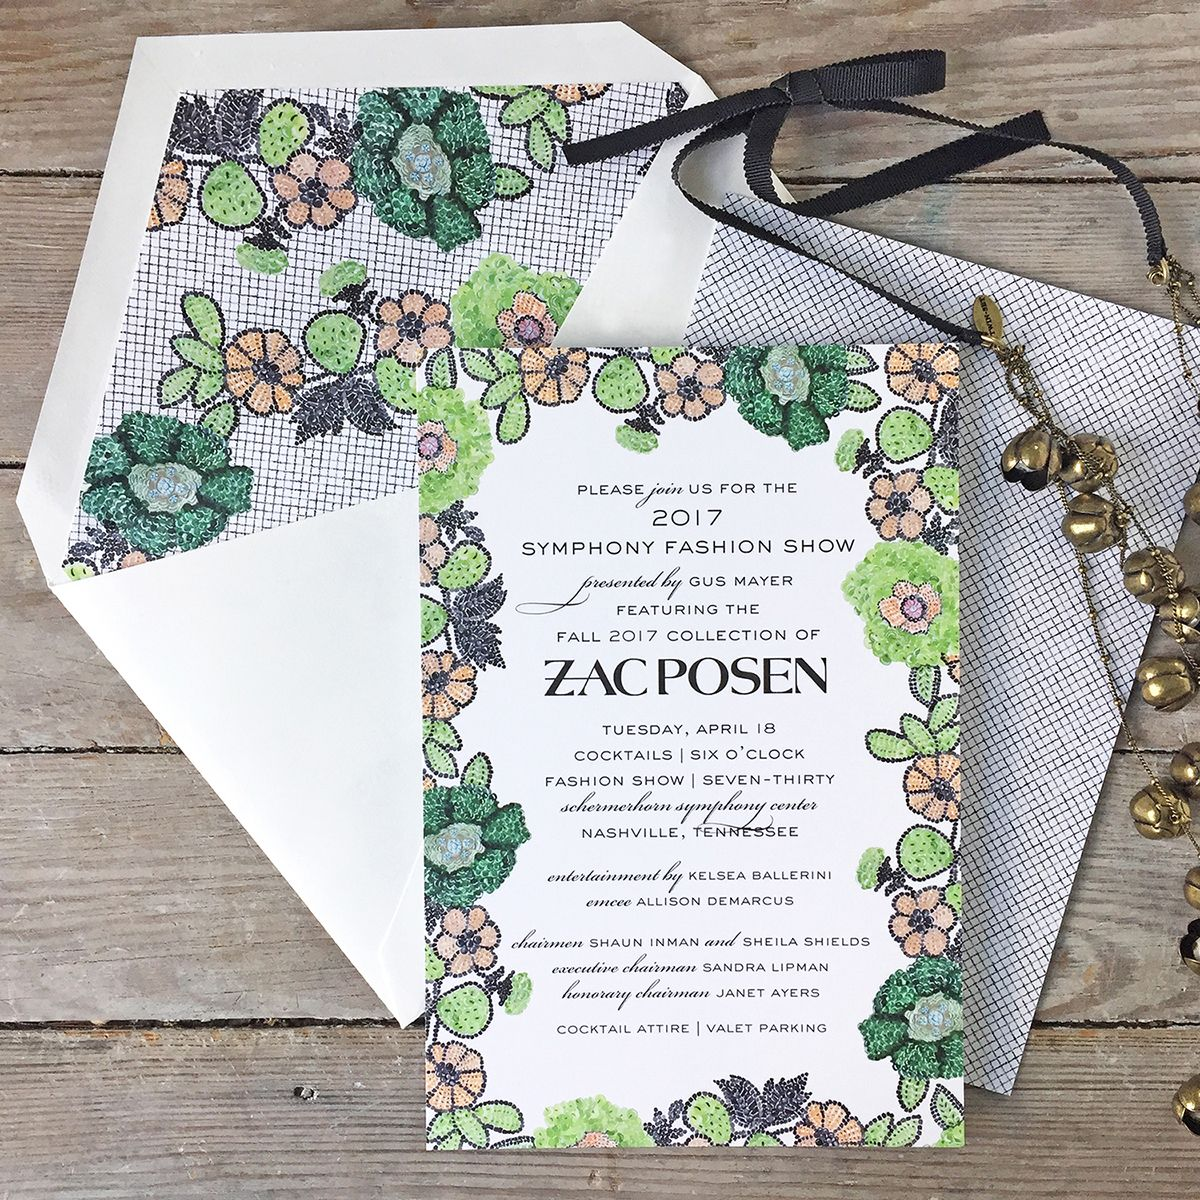 Party invitations Zac Posen Fashion Show invitation